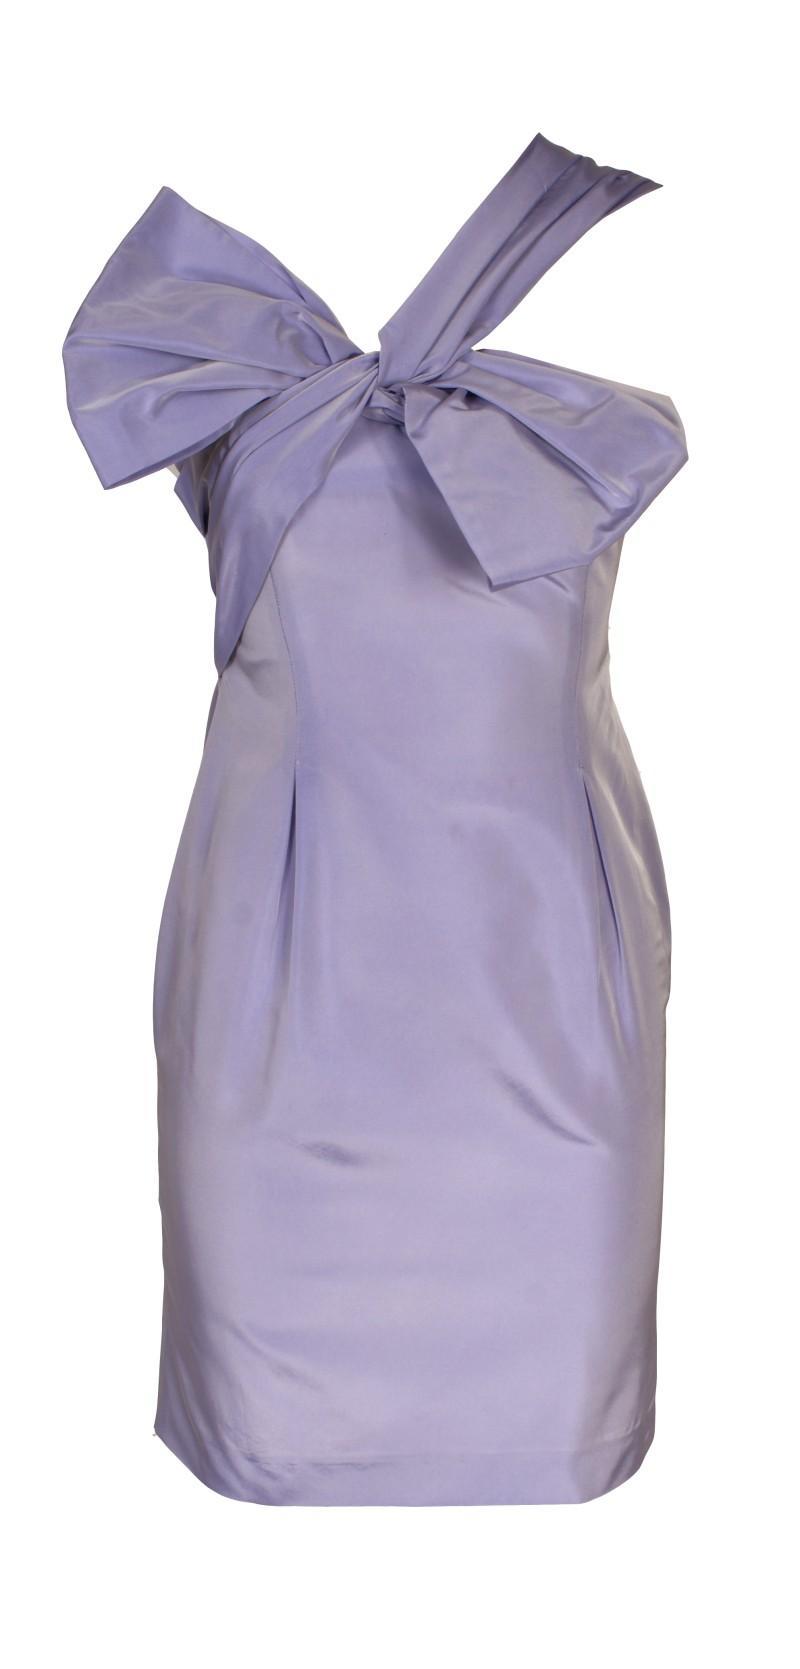 Sukienki i spódnice Simple na wiosnę i lato 2009 - Zdjęcie 45